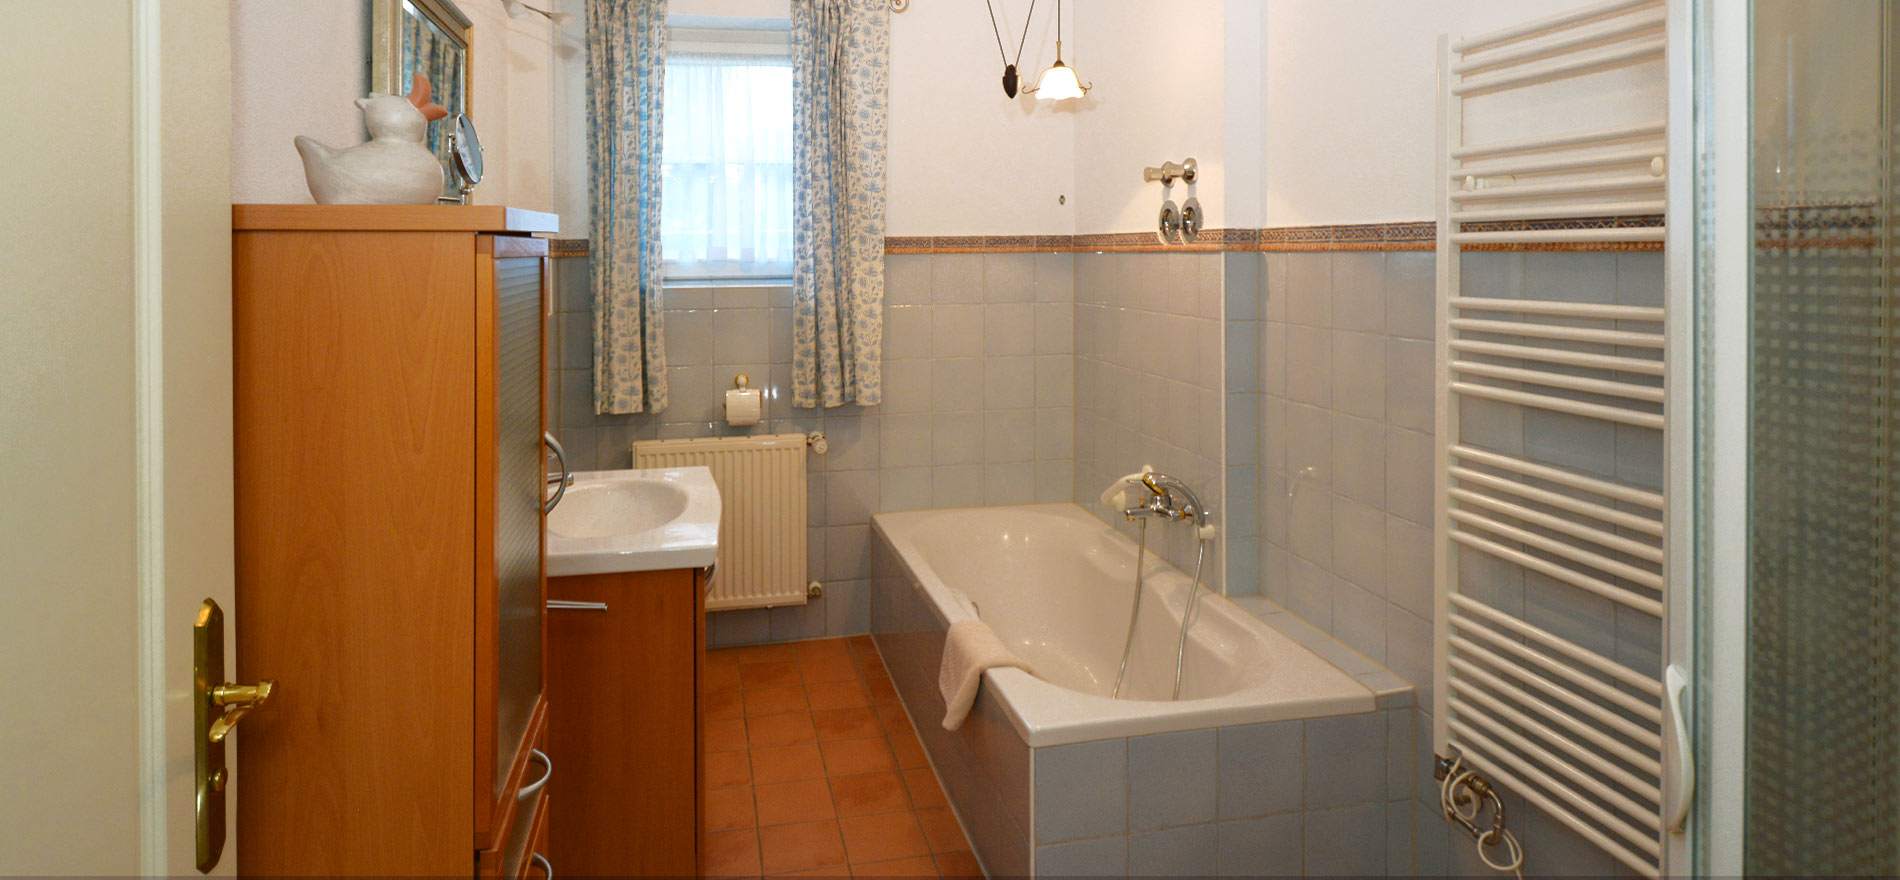 Ferienwohnung Pfarrhaus in Meersburg - Wohnung 1 4